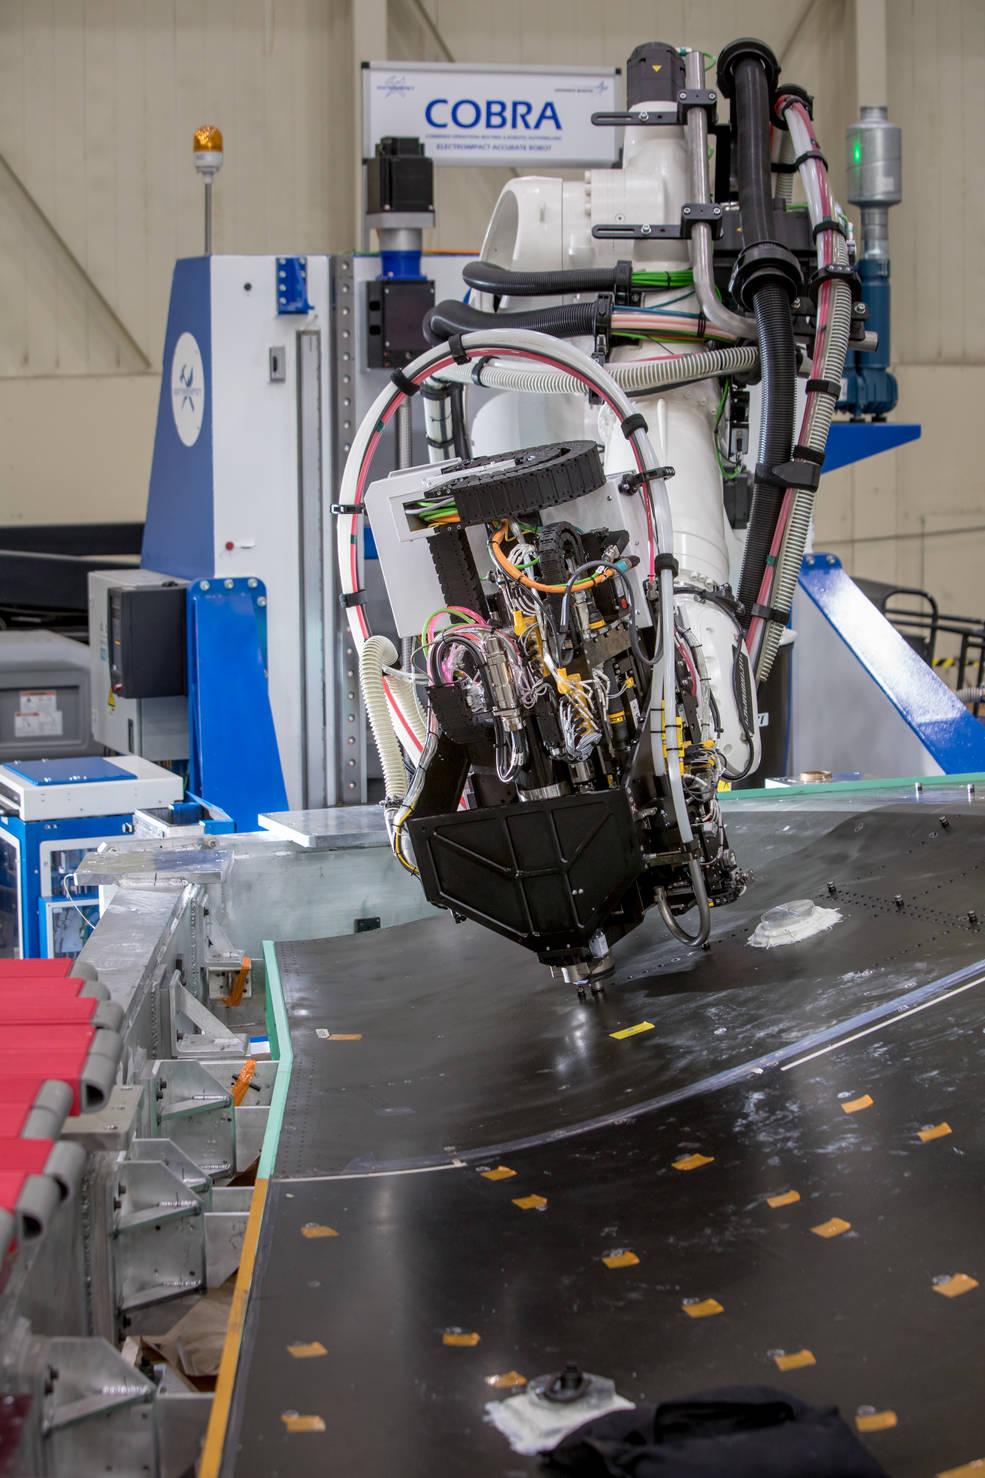 COBRA, a robotic autodrill system.